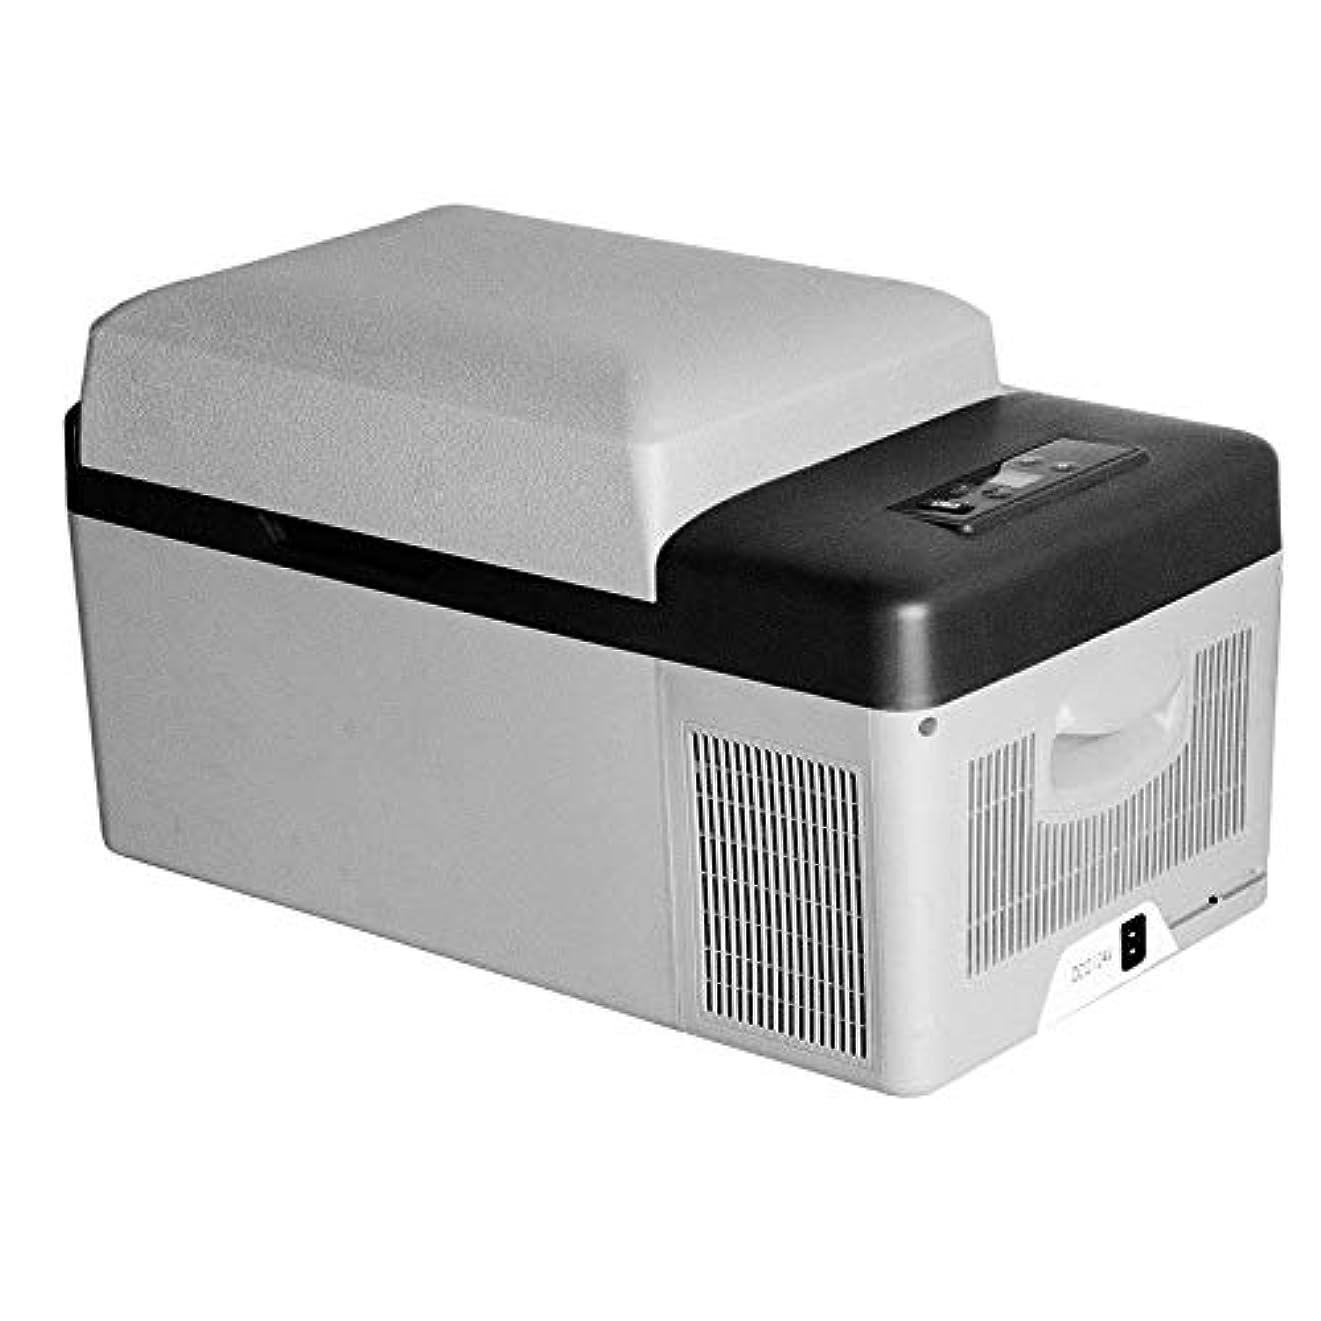 ルビー嘆願晩ごはん車の冷蔵庫 20Lの車のミニ冷蔵庫ACまたはDCクーラー旅行ピクニック冷蔵庫用食品ドリンクワイン キャンプバーベキュー用 (Color : White, Size : 57X32X32CM)